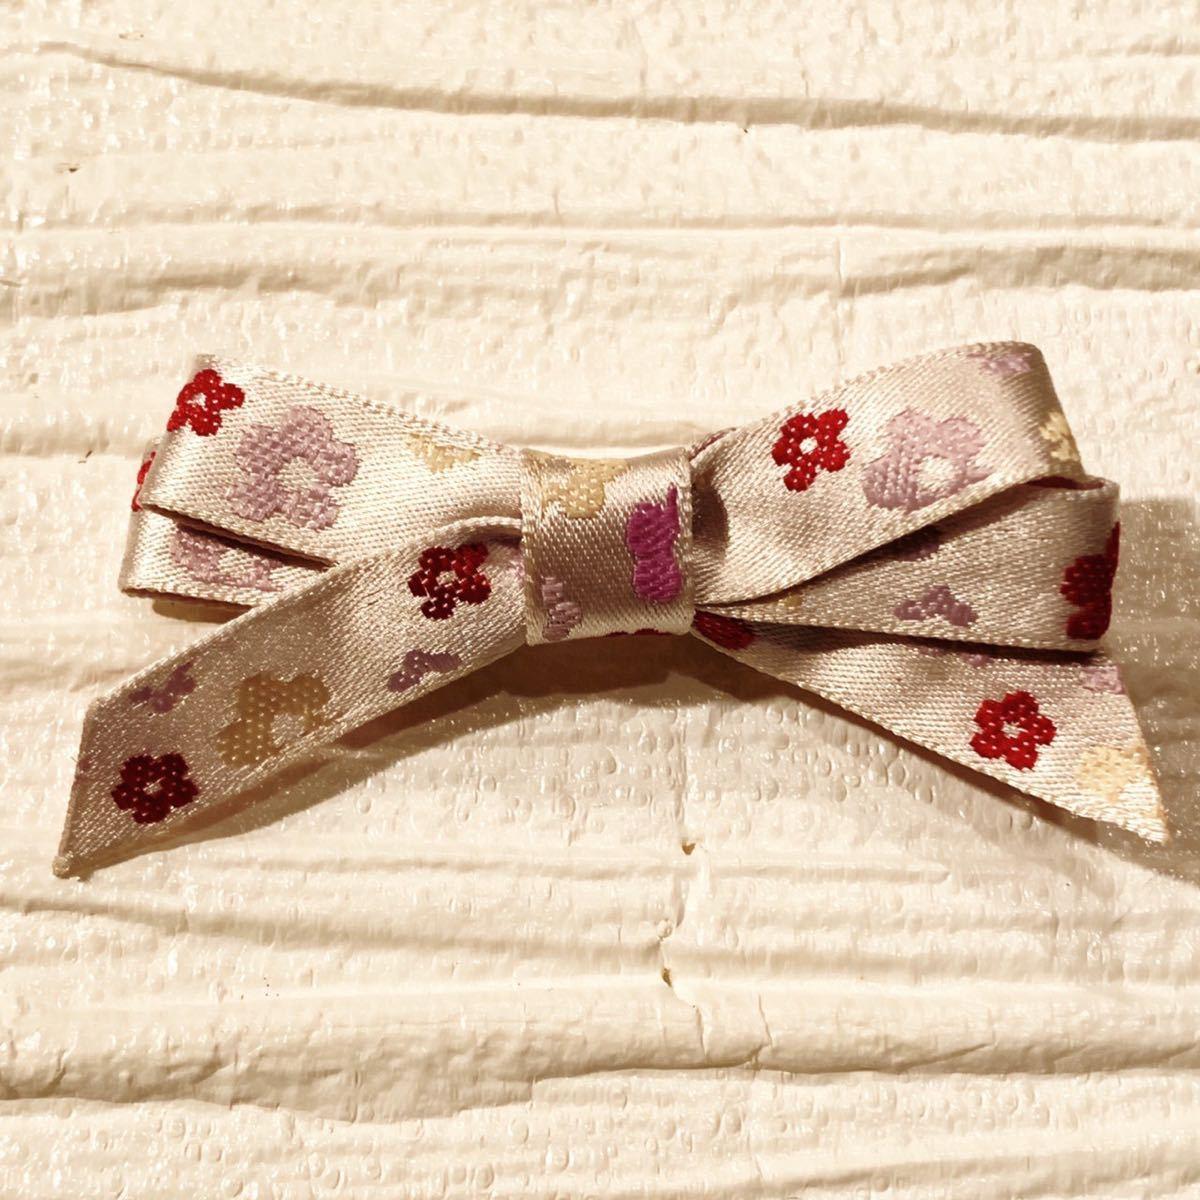 ハンドメイド 花の刺繍リボンクリップ ヘアピン ヘアアクセサリー〈新品未使用〉_画像1